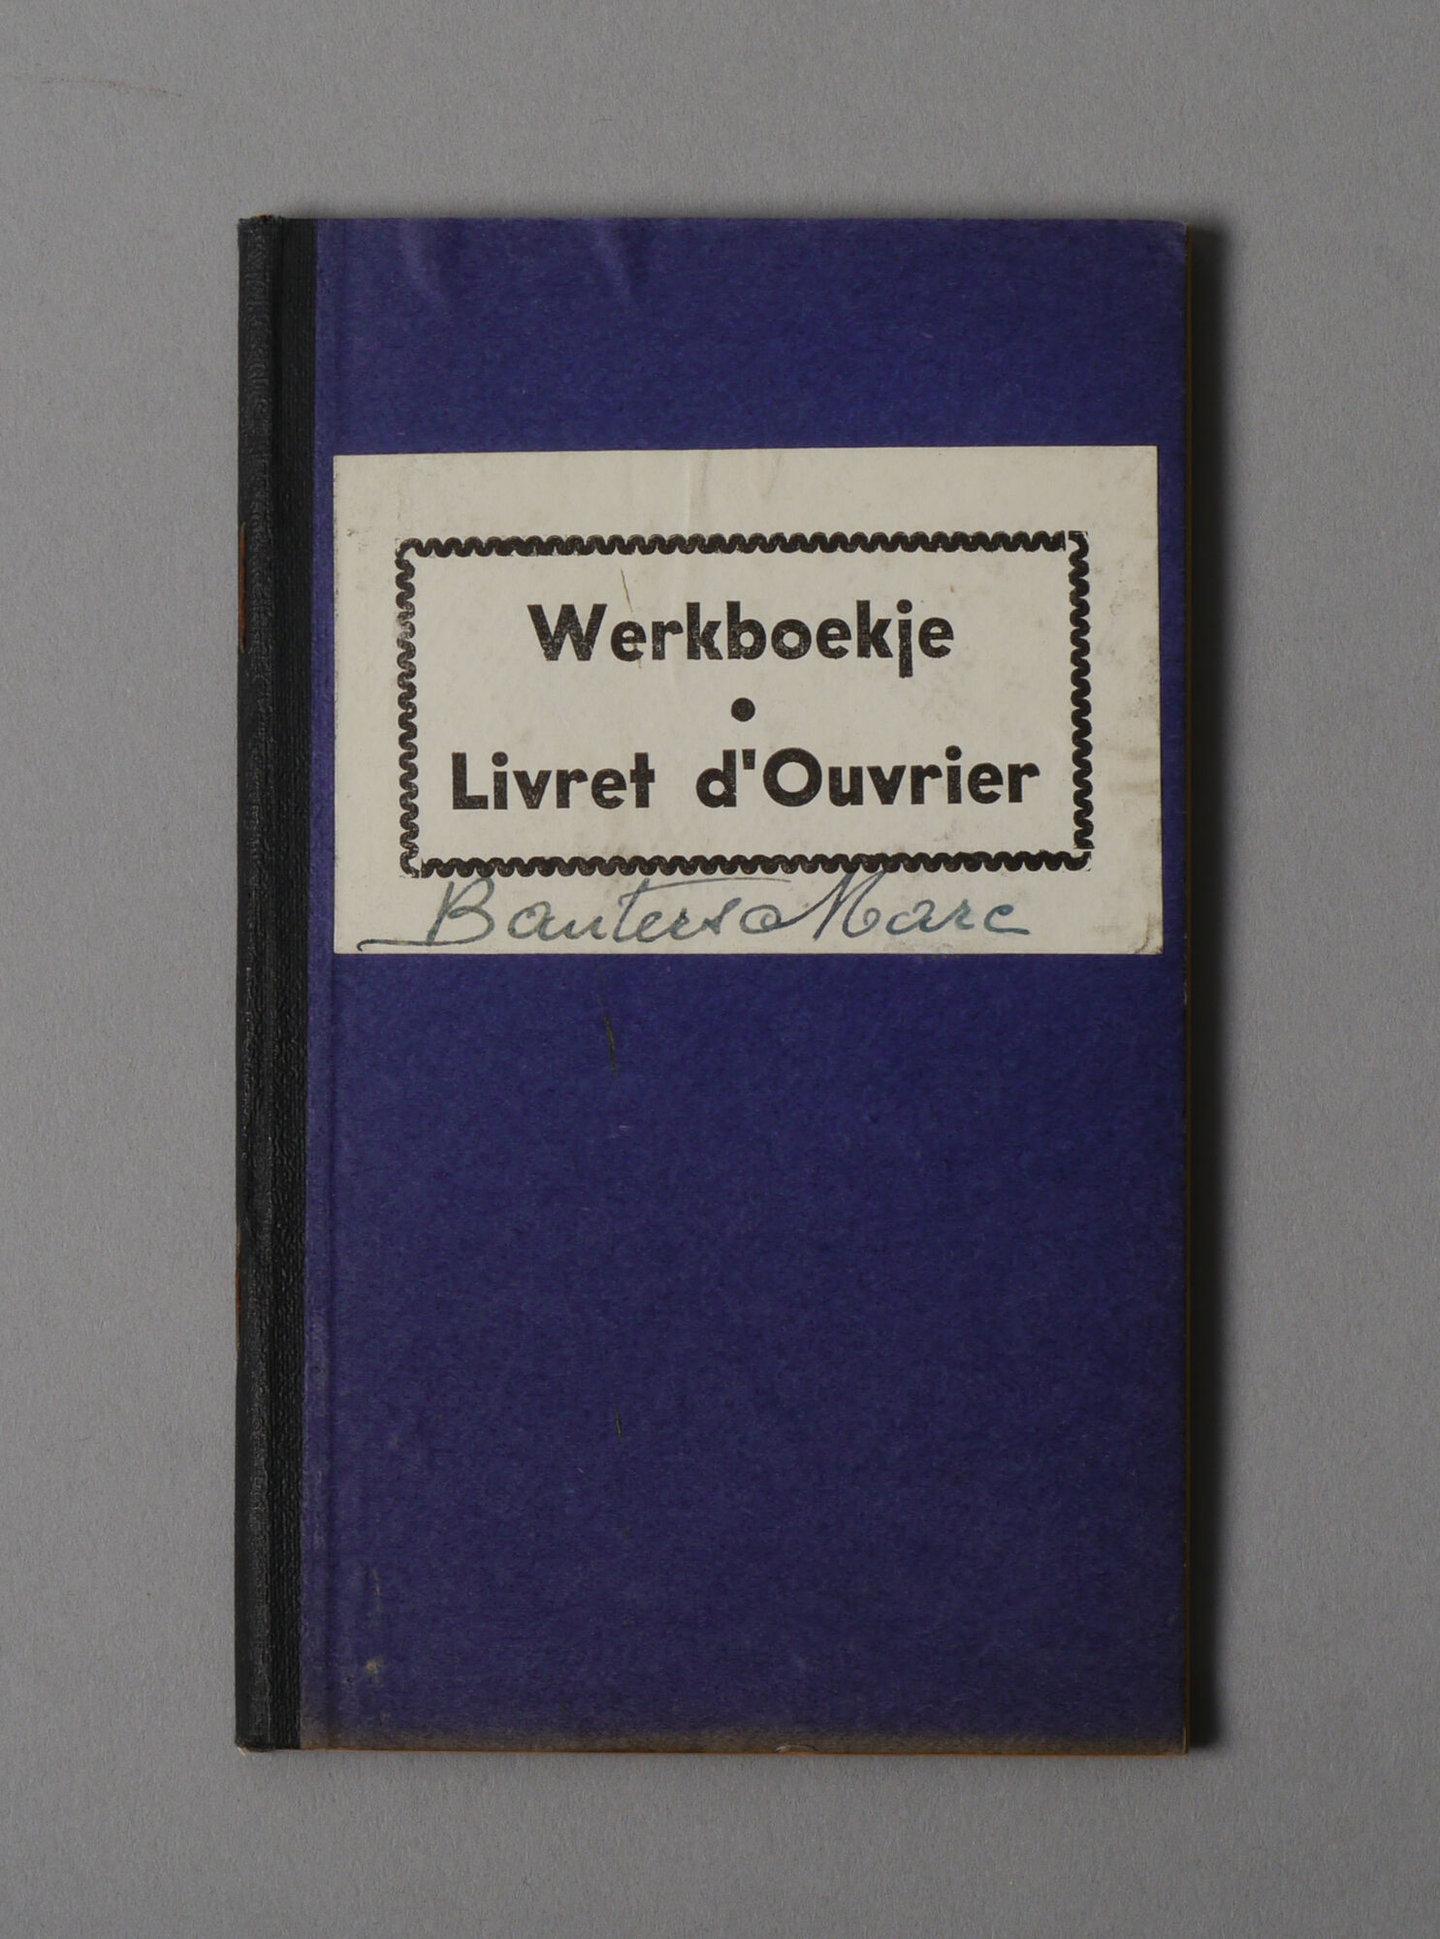 Werkboekje van Marc Leon Bauters